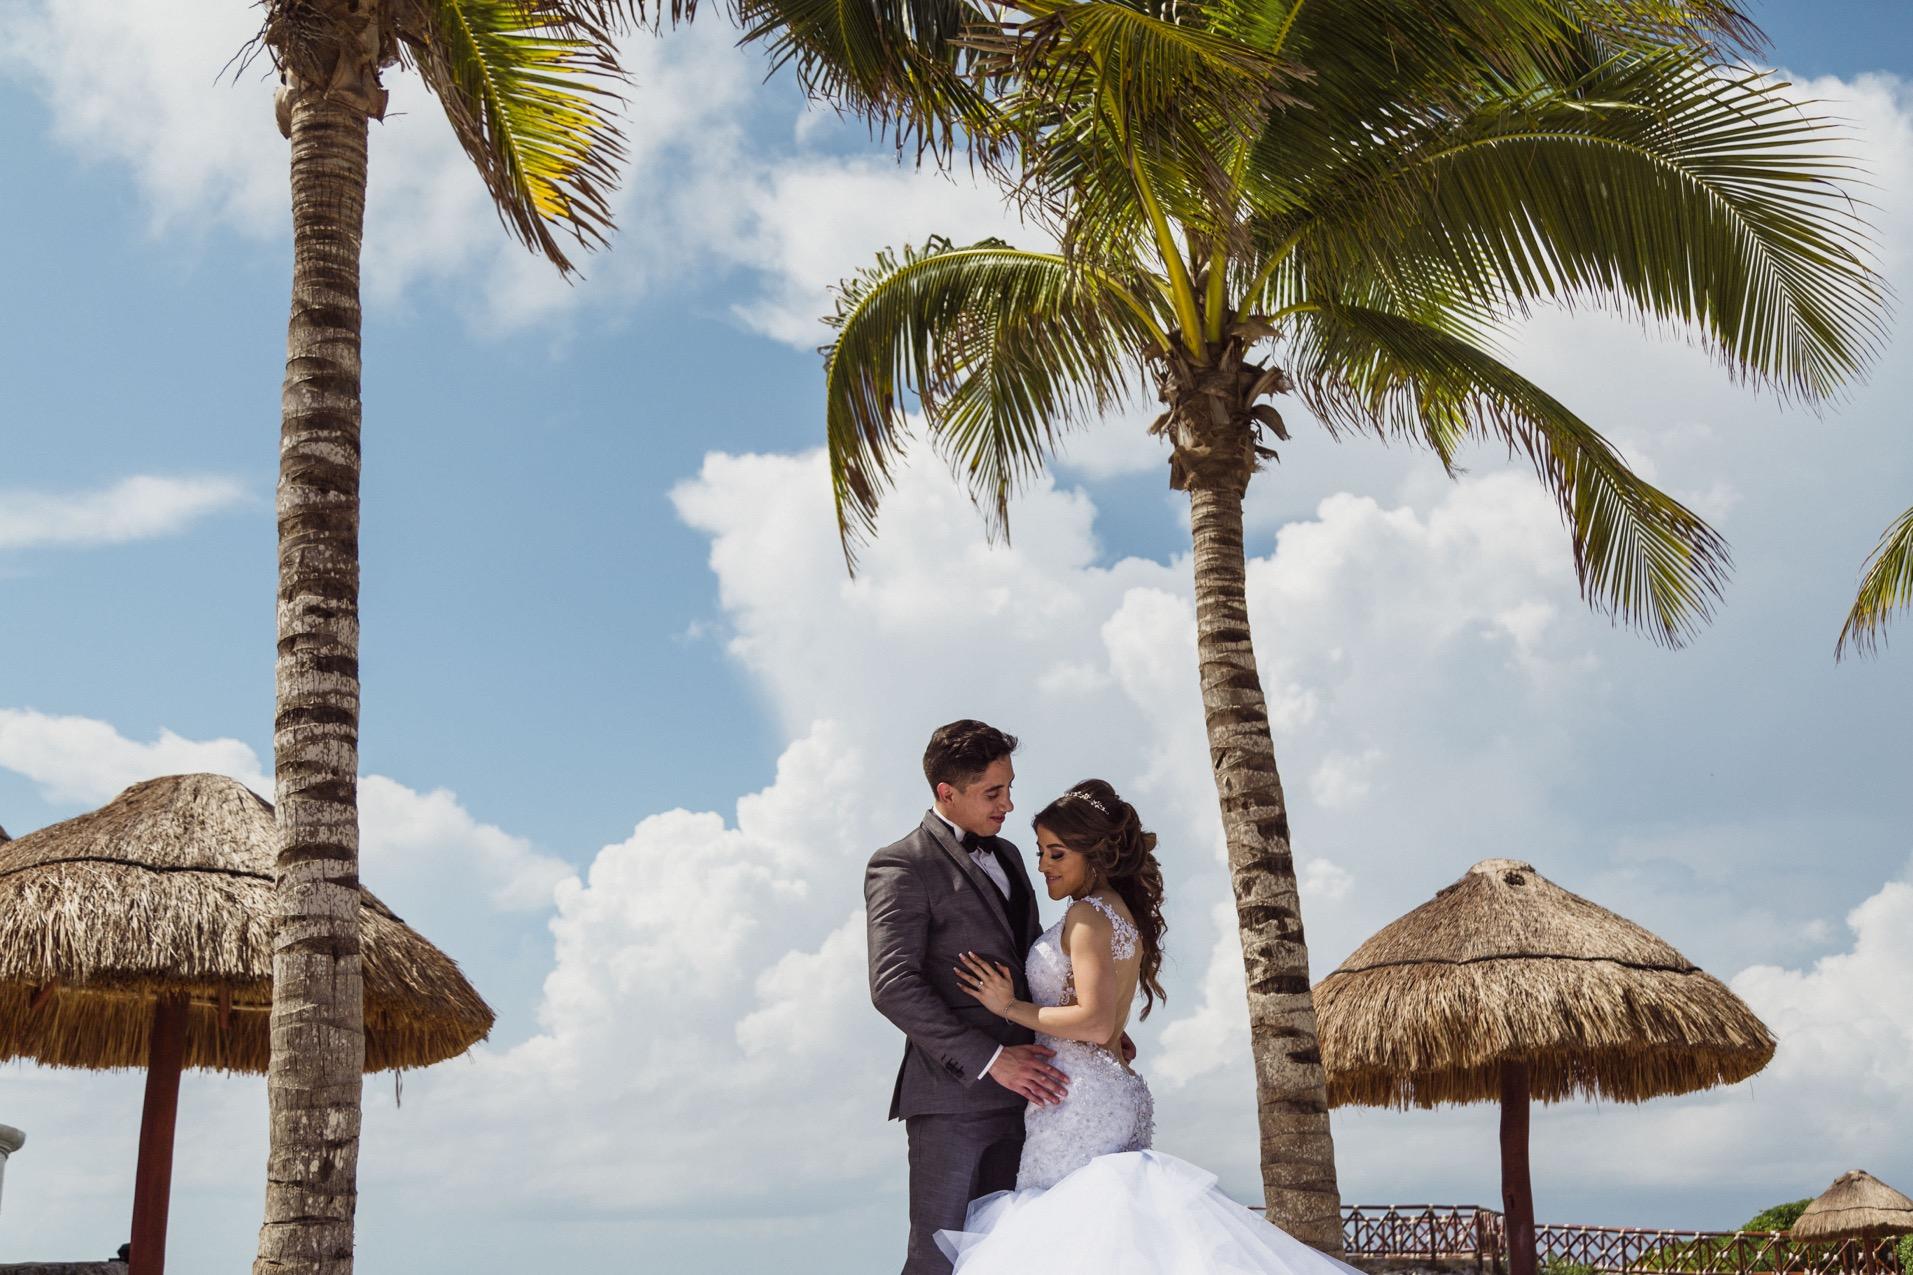 fotografo_bodas_profesional_zacatecas_riviera_maya_cancun-167